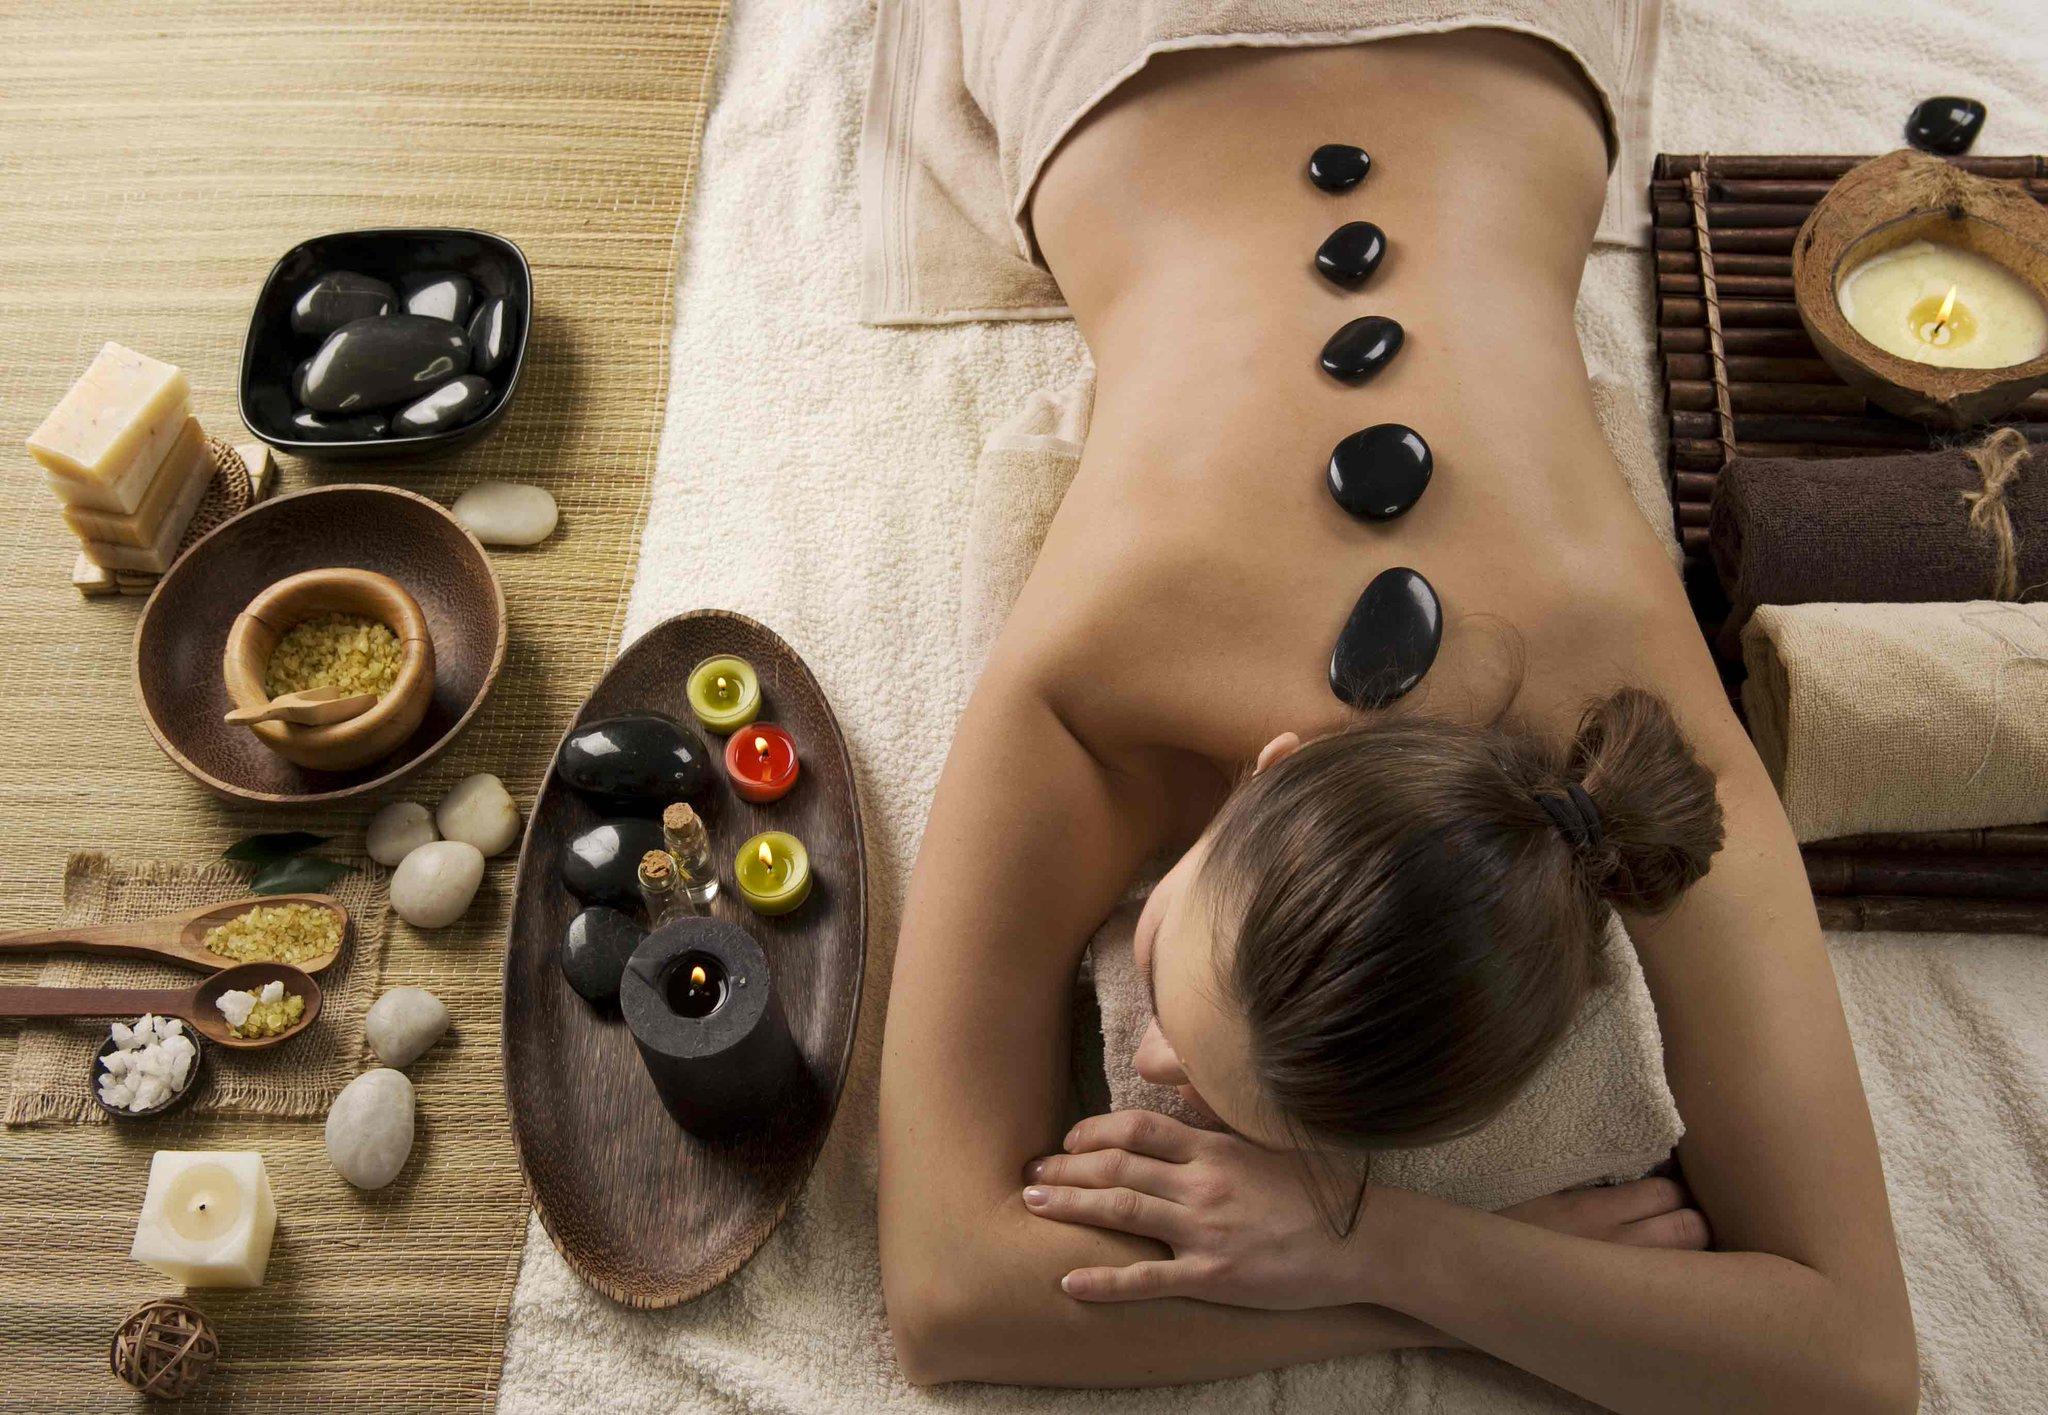 Стоун-терапия (массаж горячими камнями) — в чем его польза?